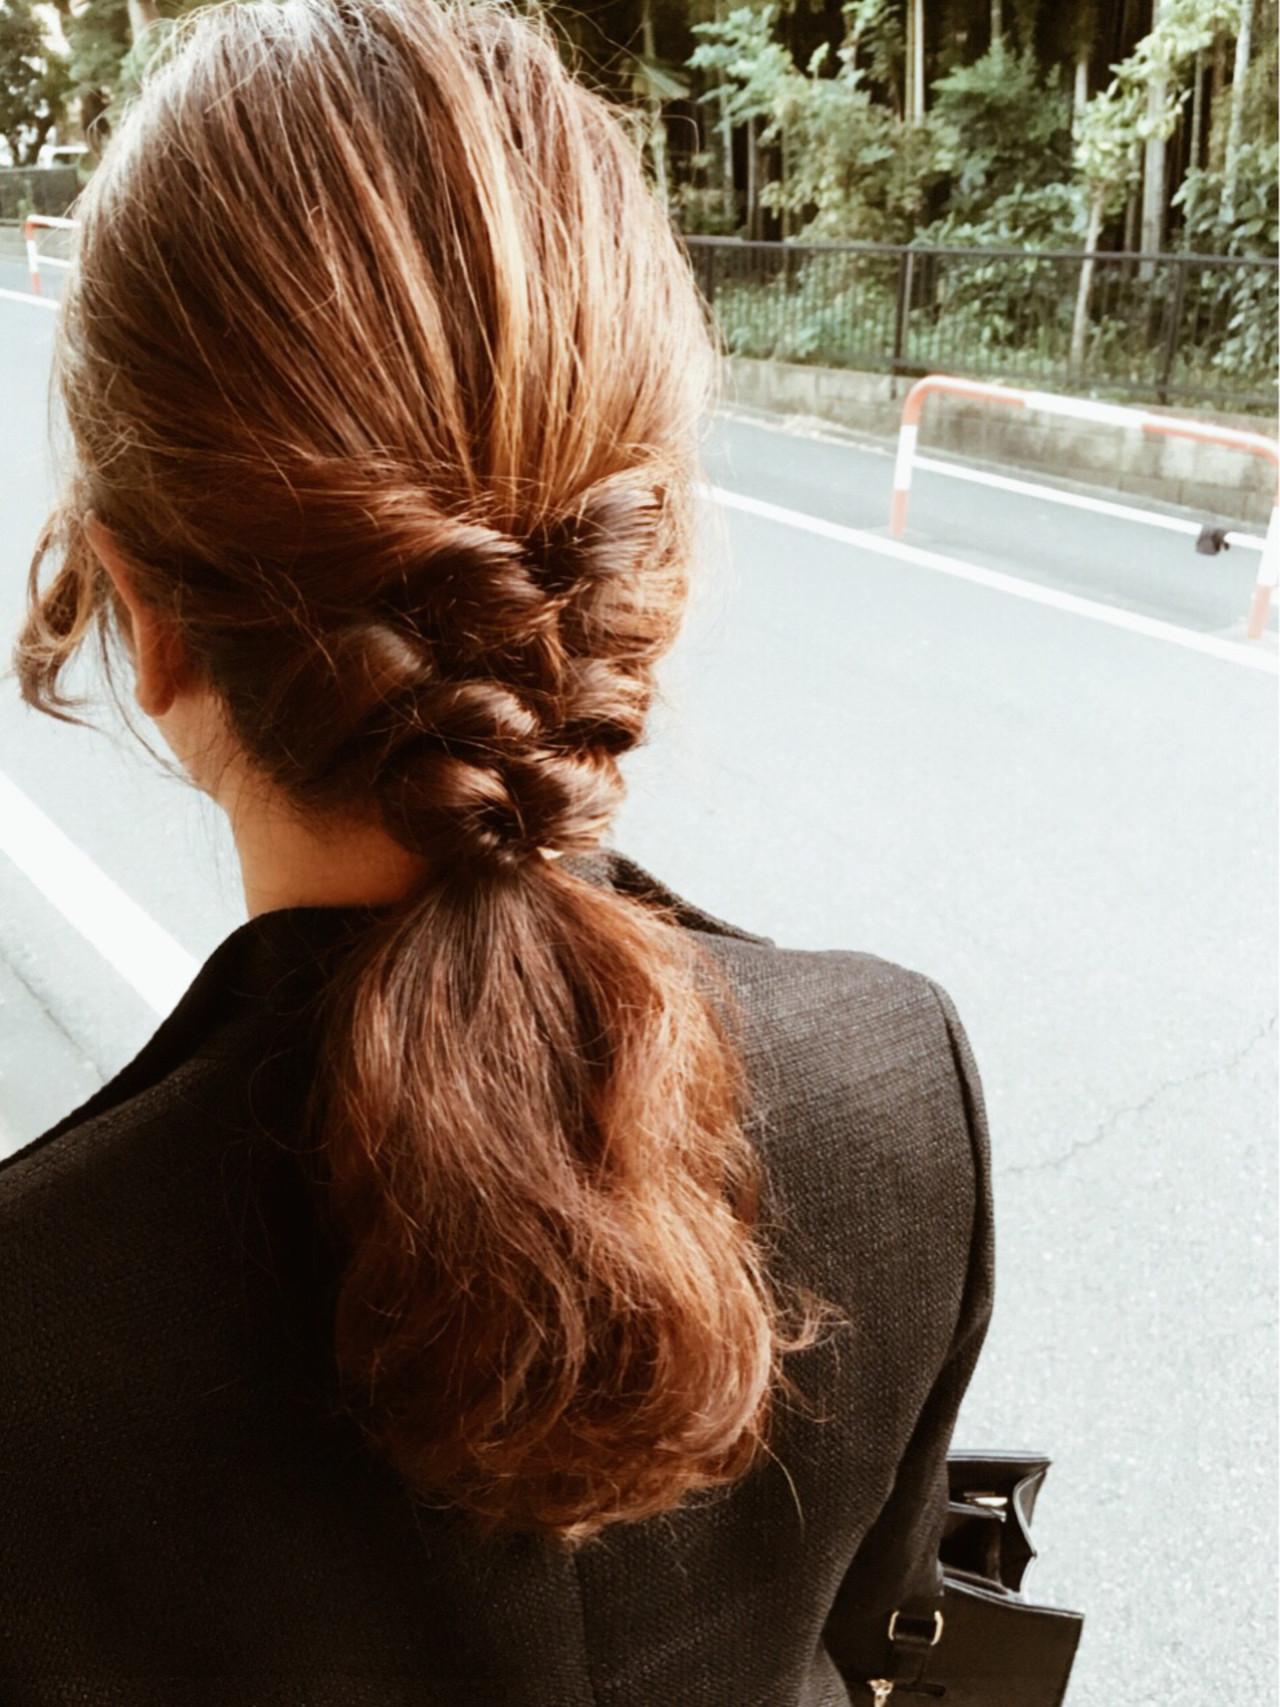 【簡単】オフィス向けセミロングの結び方ガイド♪きれいめまとめ髪で上品に noda asako